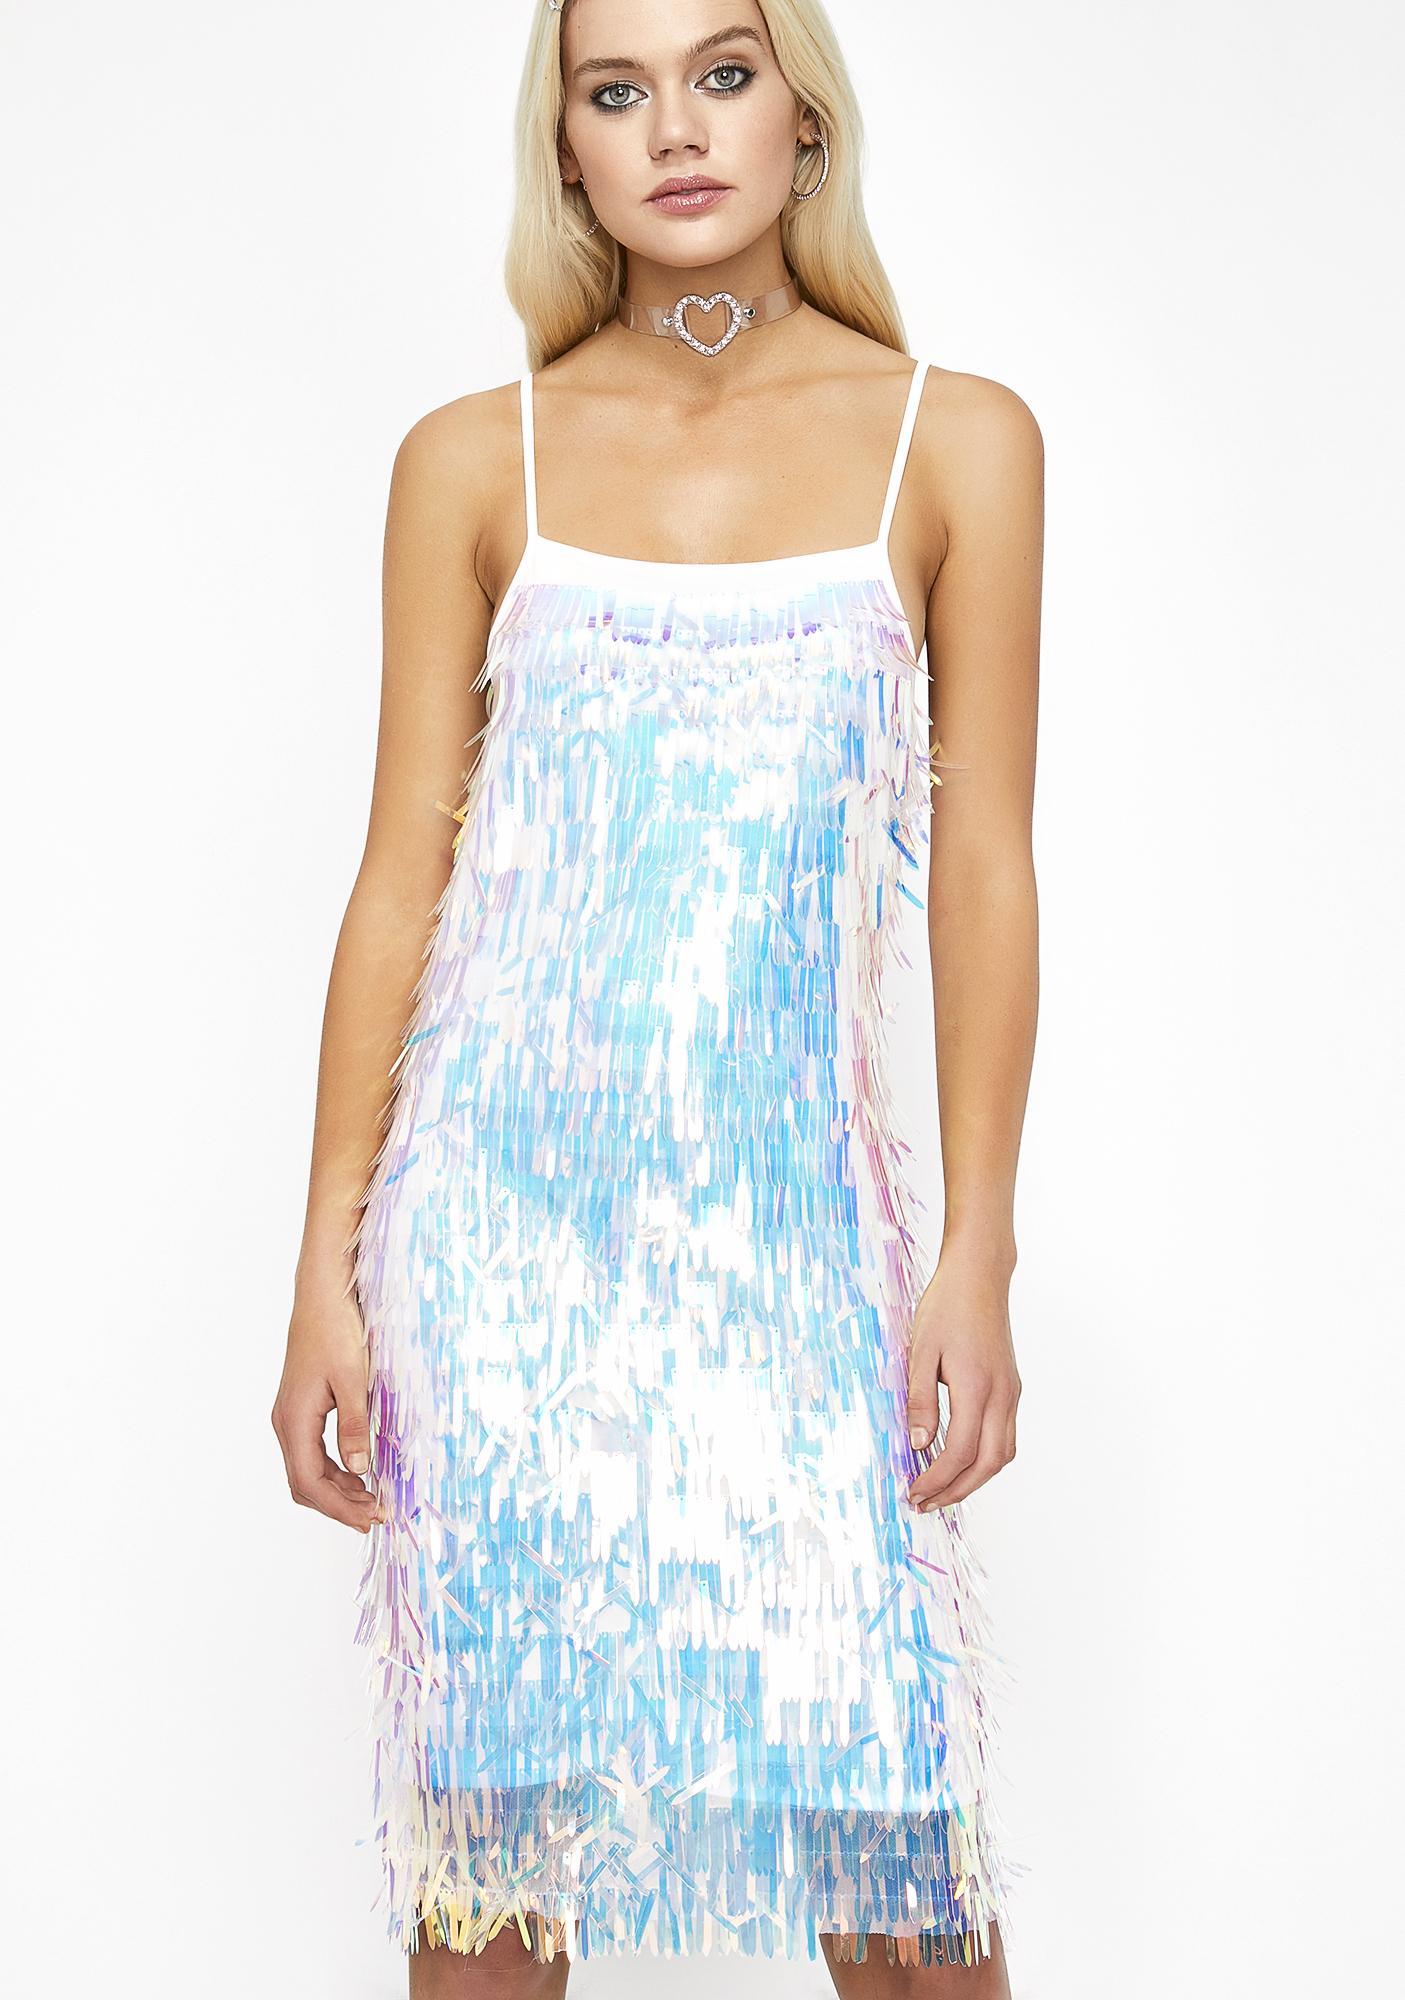 Cosmic Queen Holographic Dress